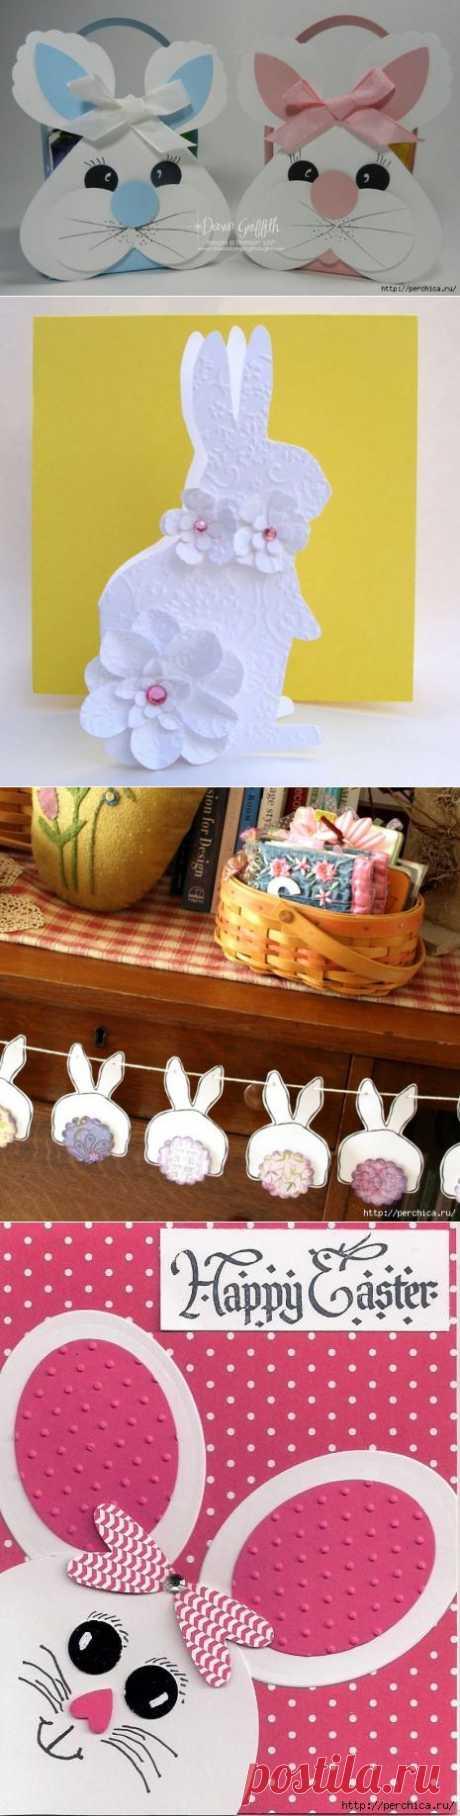 Пасхальный кролик из бумаги и картона - мк и идеи для творчества с детьми и подарков.